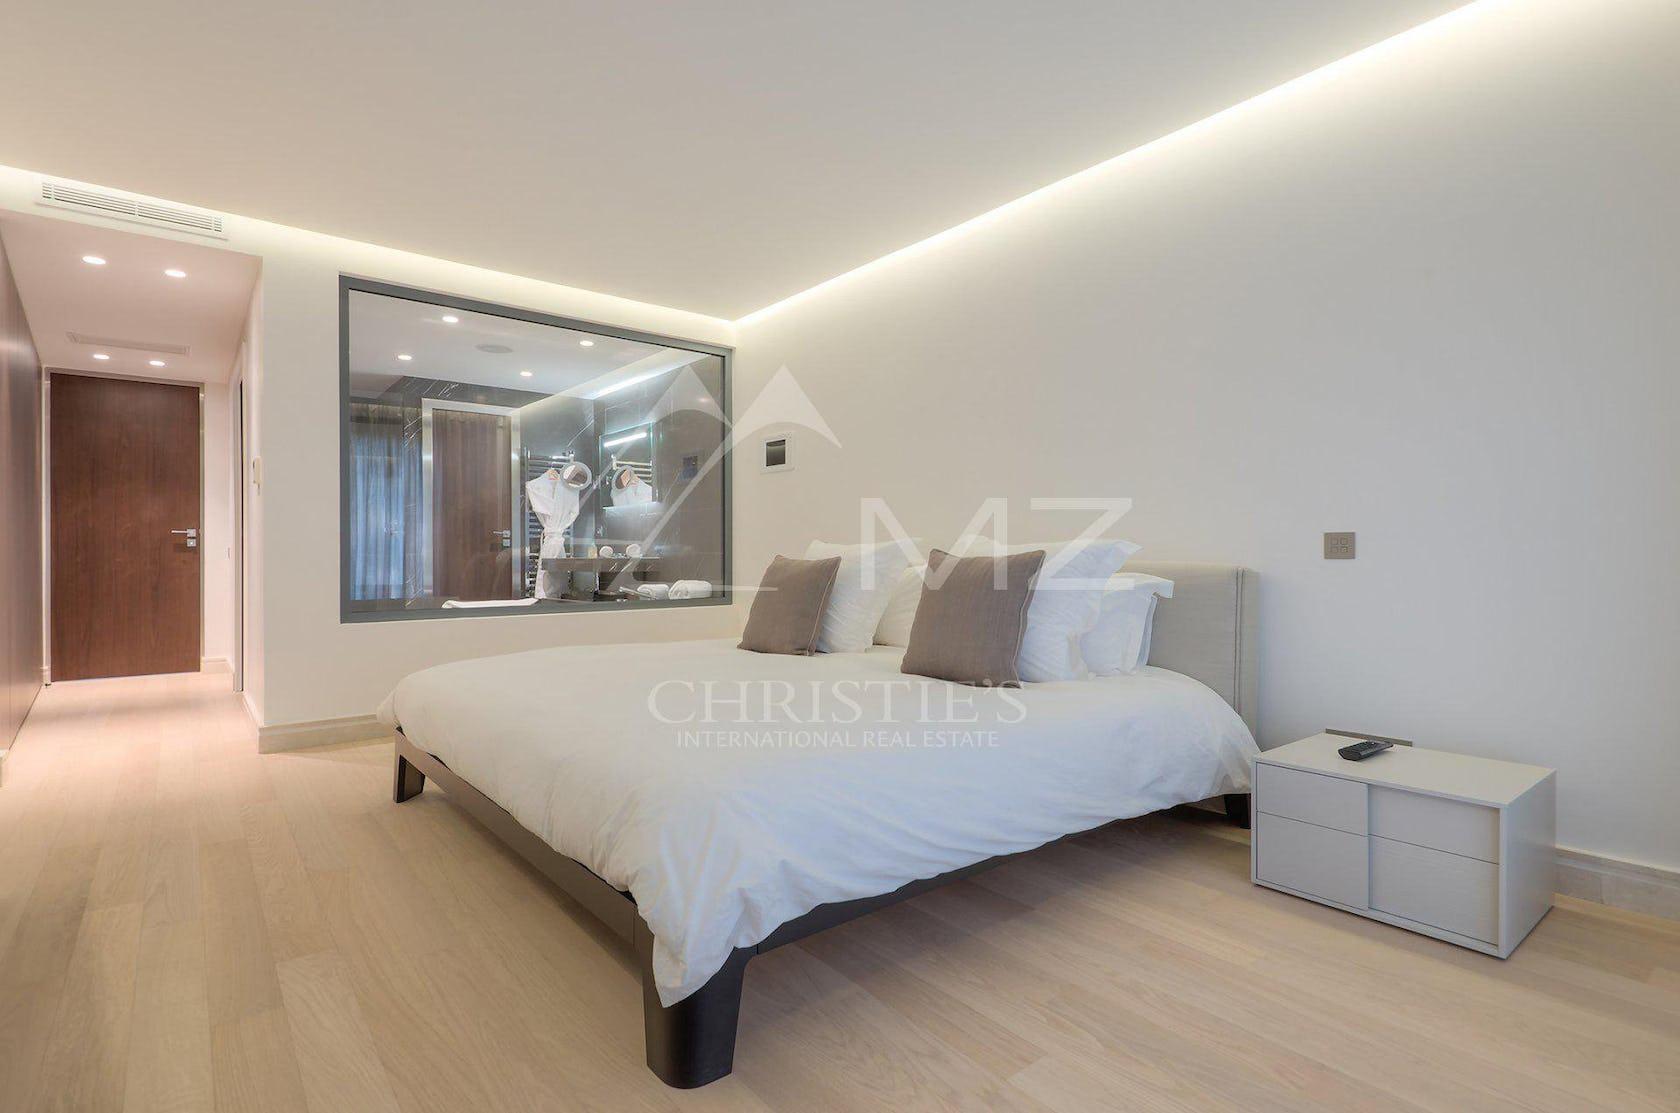 furniture bed flooring bedroom indoors room floor interior design wood